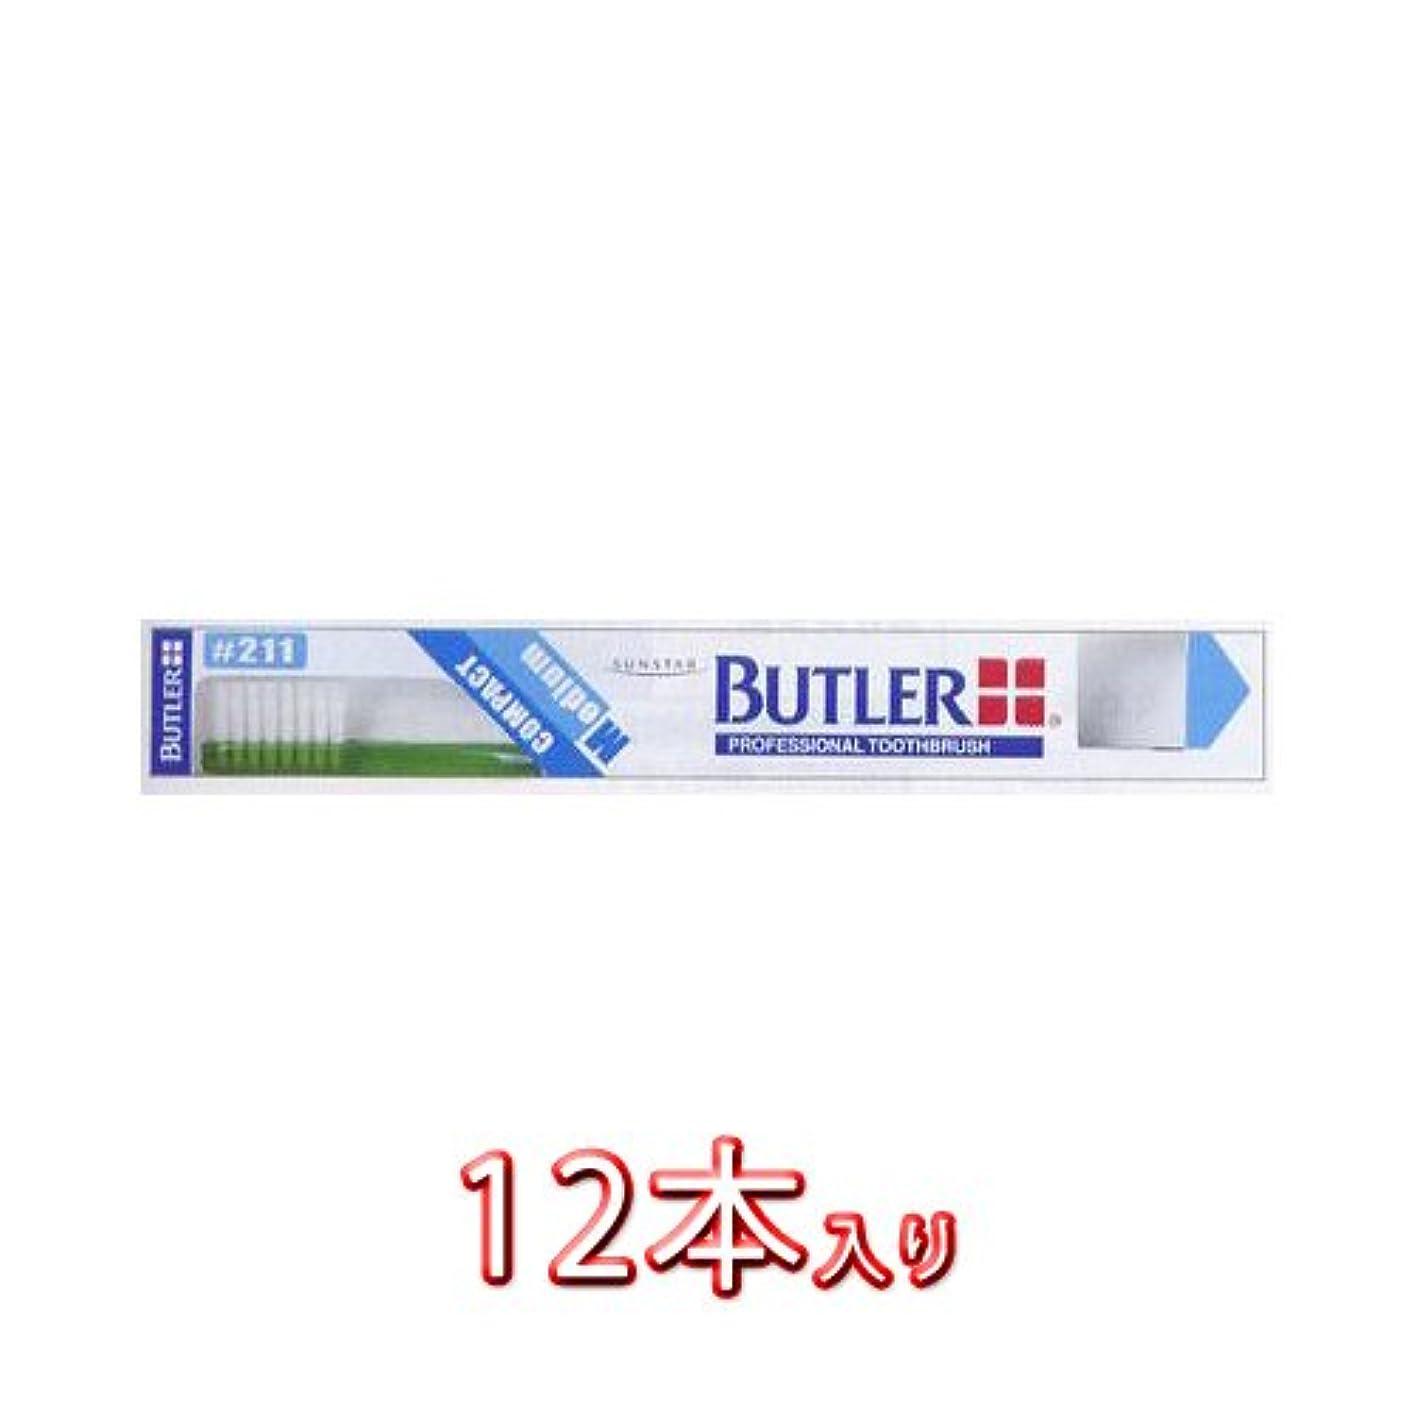 挽く踏み台大きいバトラー 歯ブラシ #211 12本入